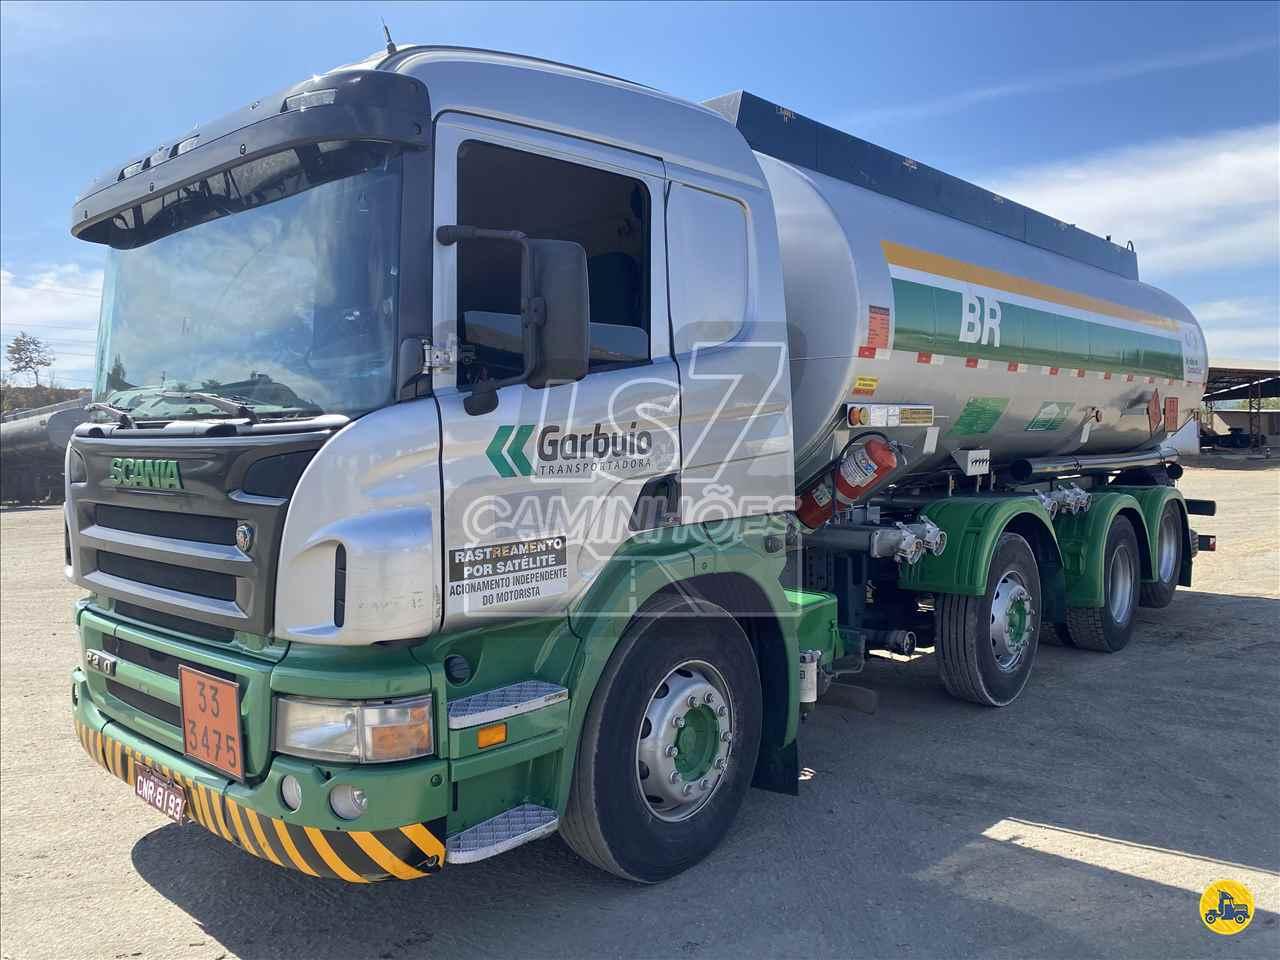 SCANIA P270 de LS 7 Caminhões - LIMEIRA/SP